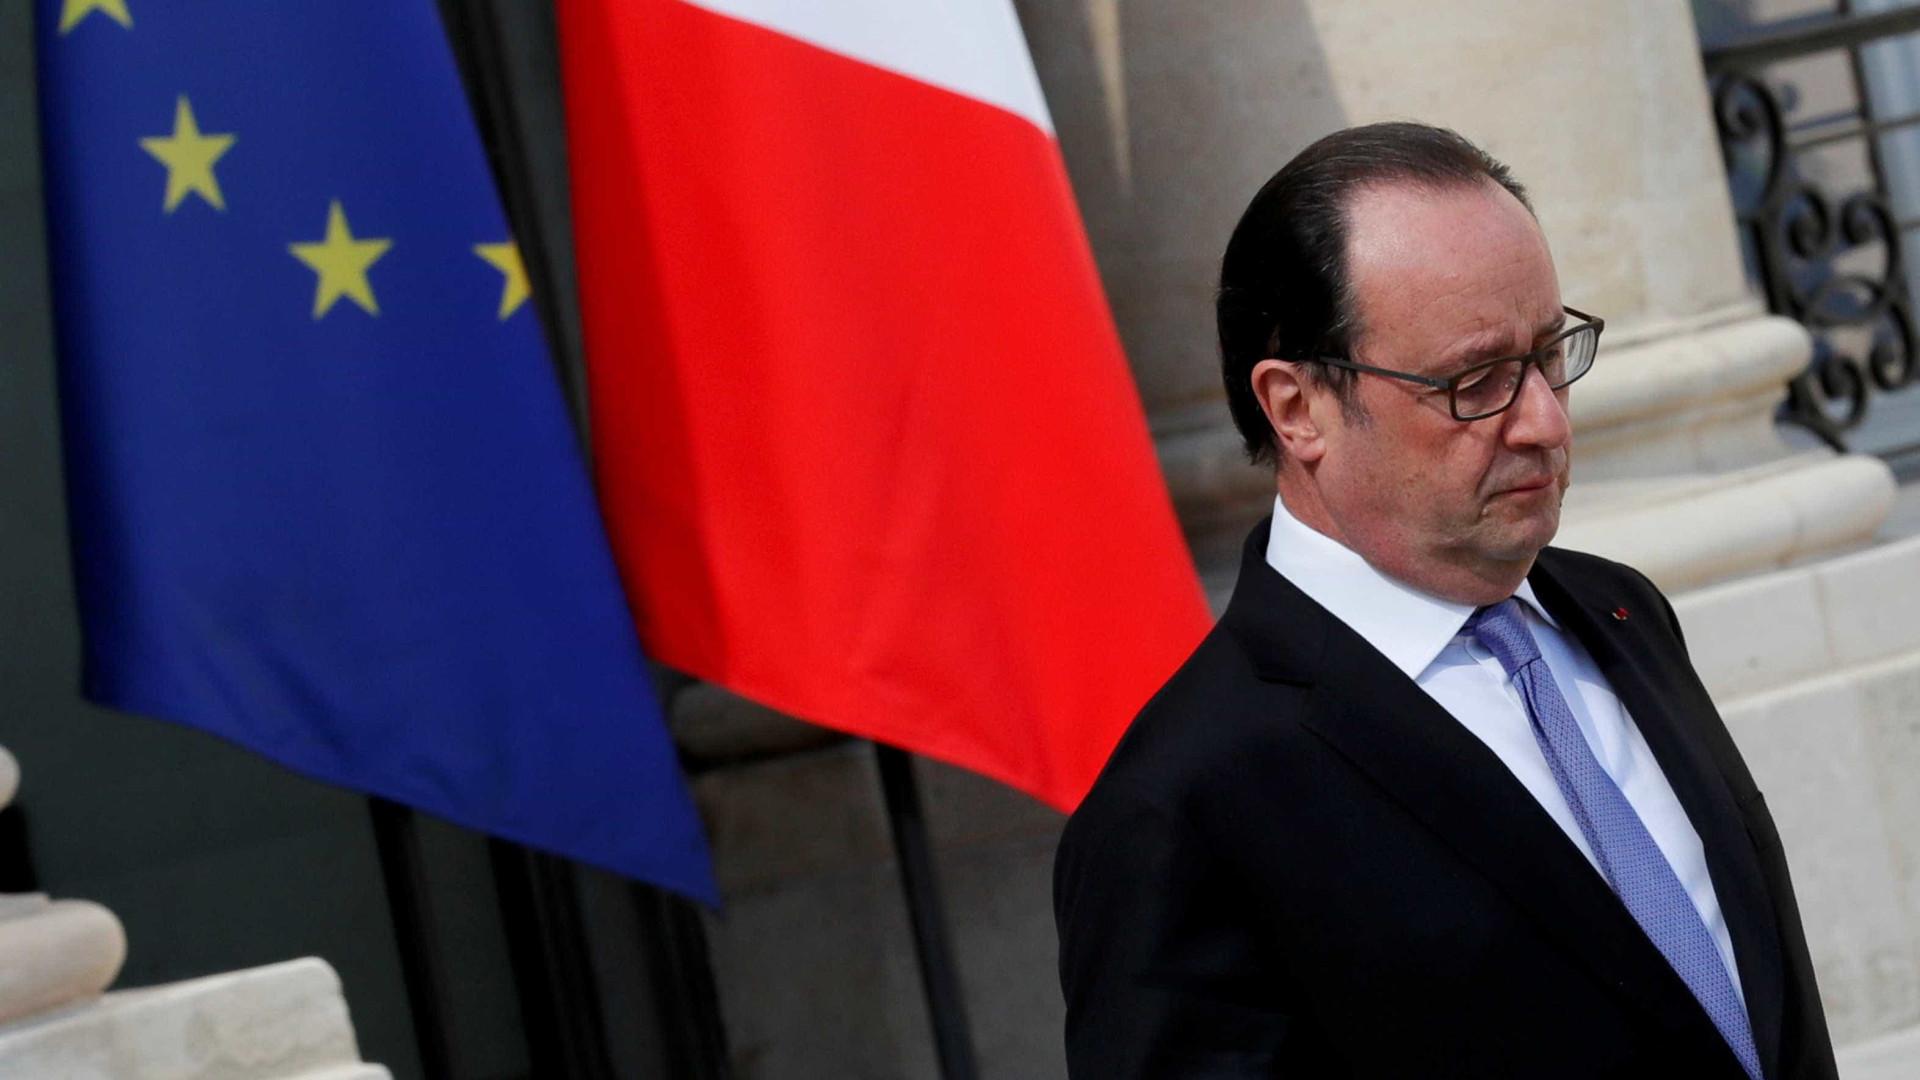 Hollande anuncia que não se candidatará à reeleição